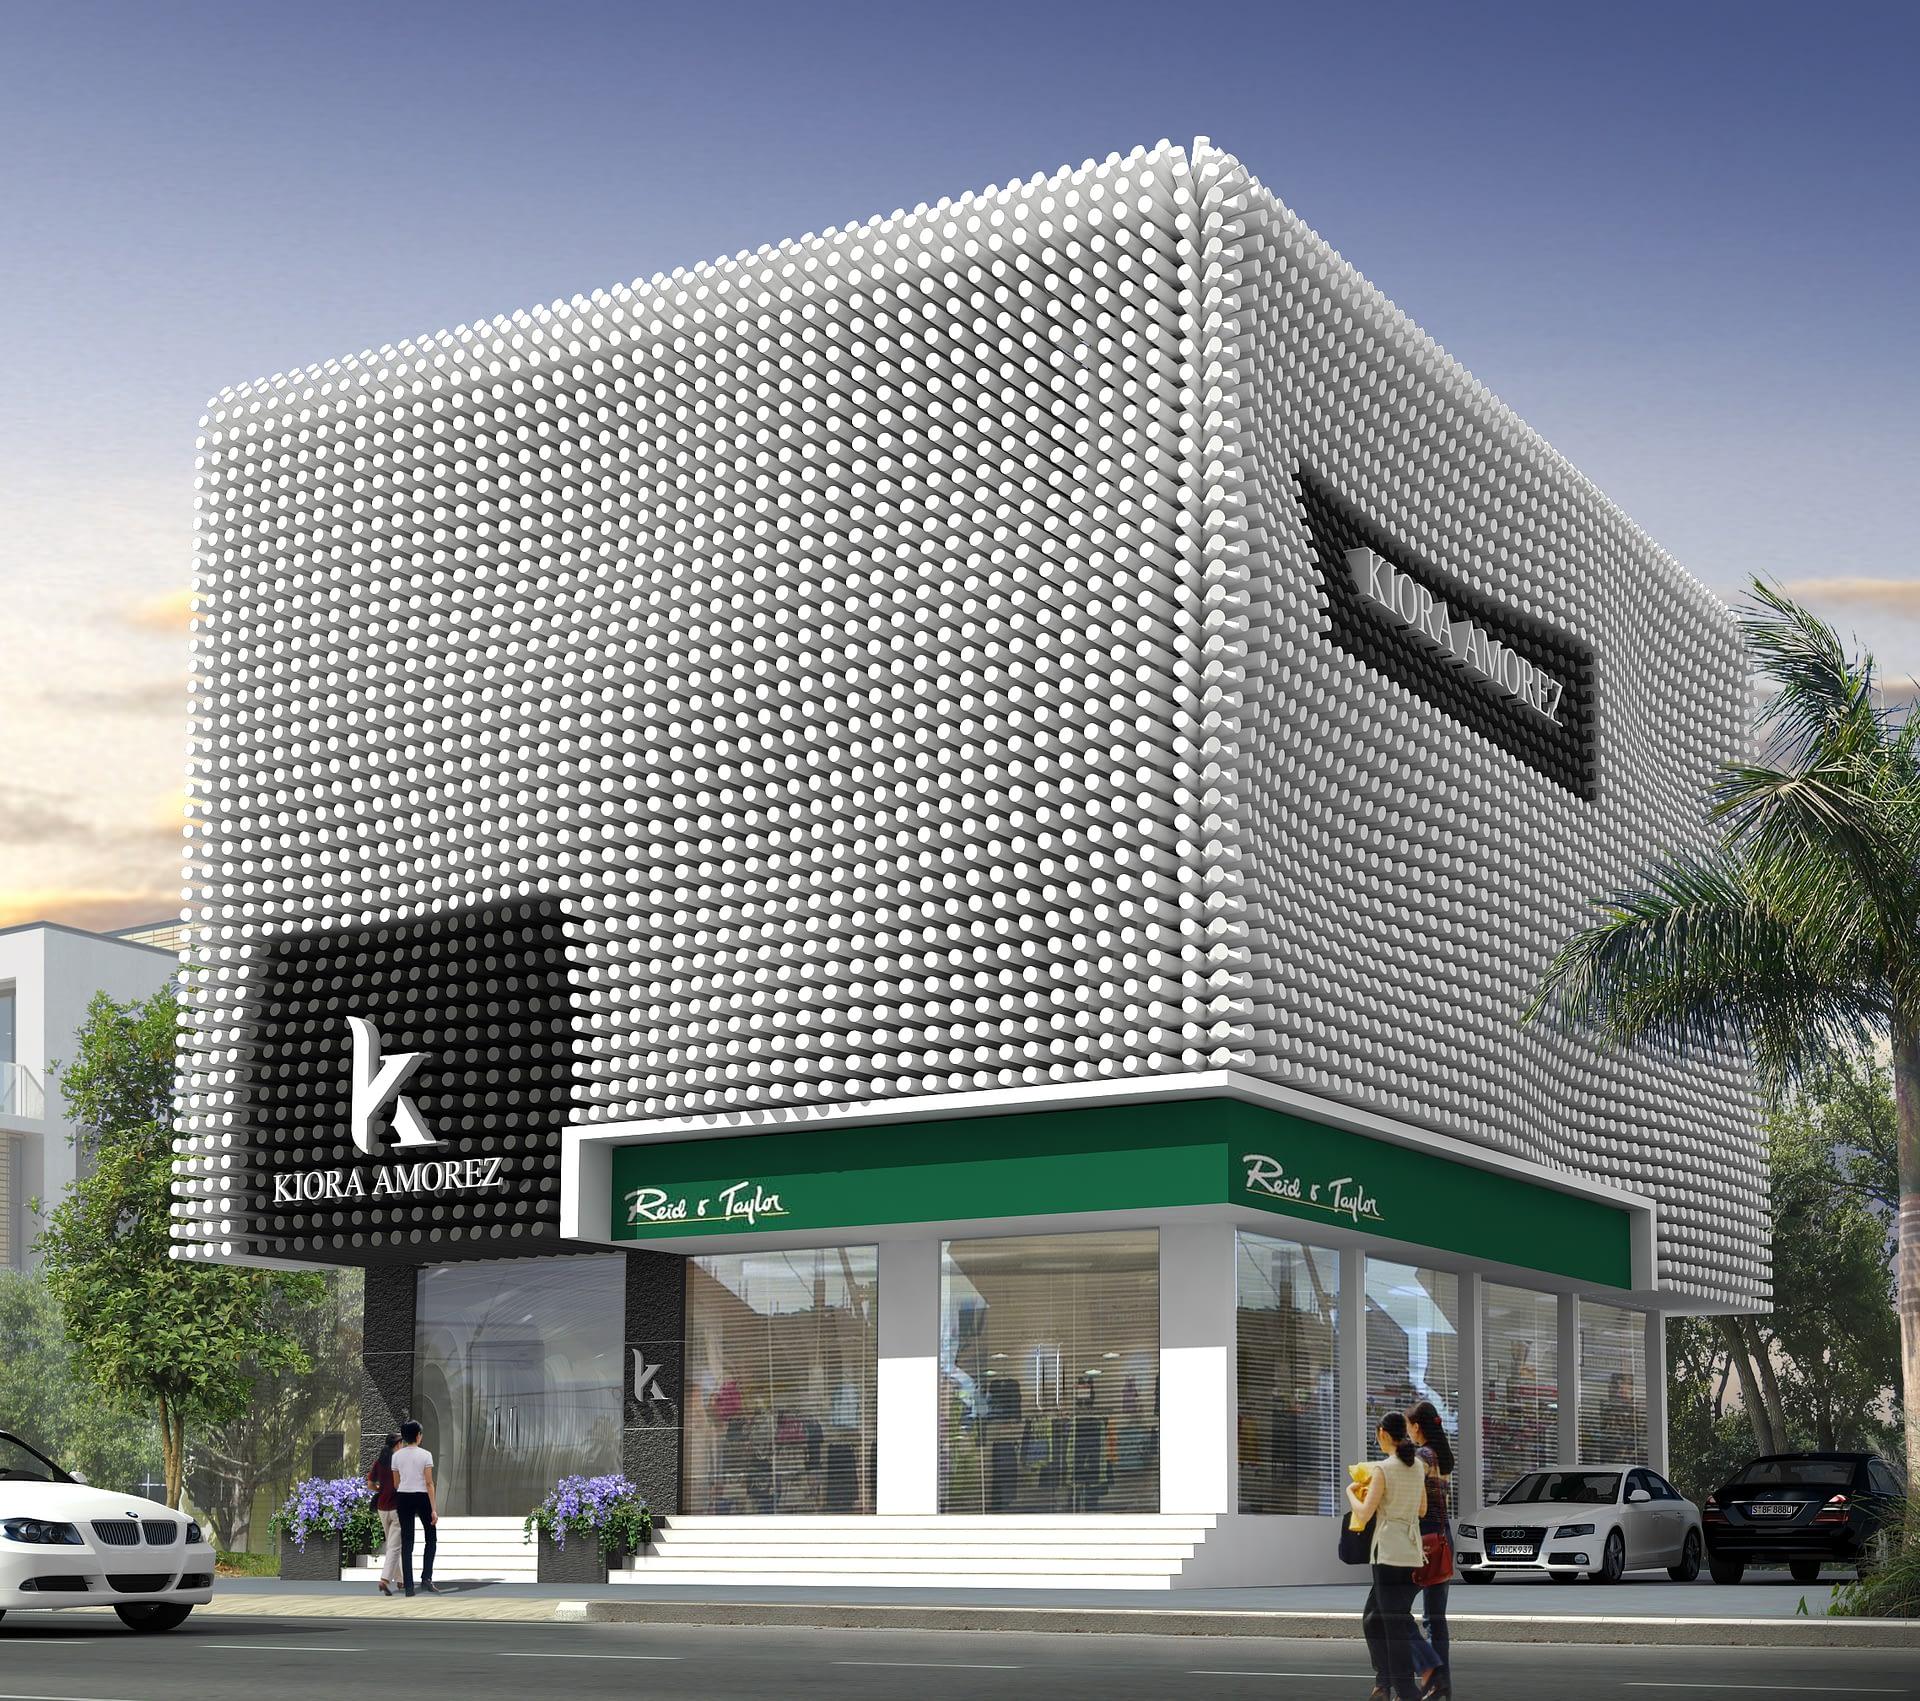 KIORA AMOREZ RETAIL DESIGN